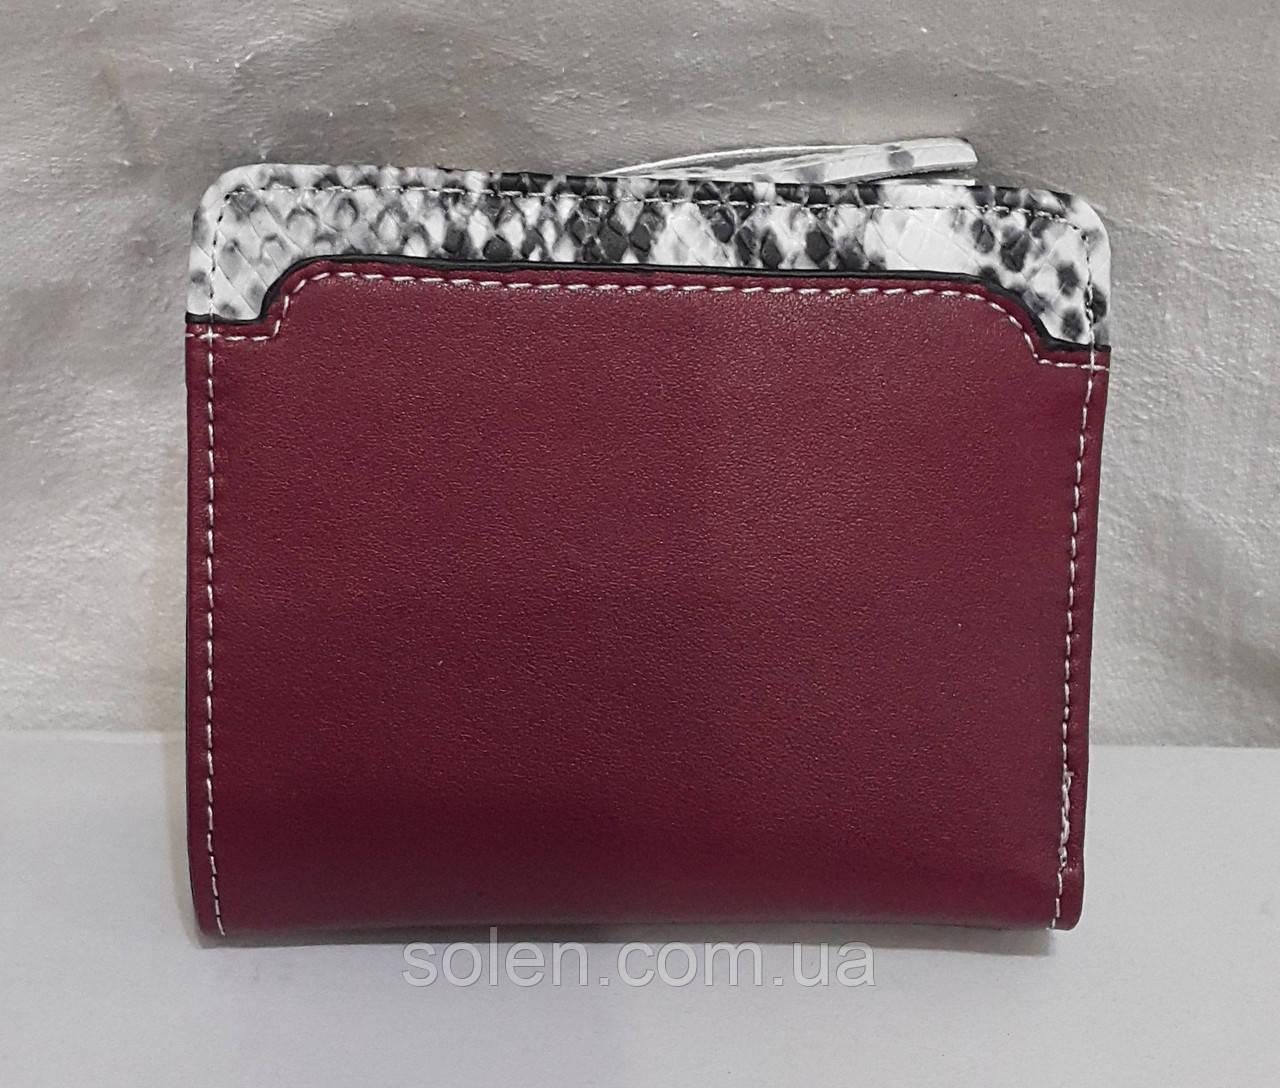 Компактный женский кошелёк. Маленький кожаный кошелёк.